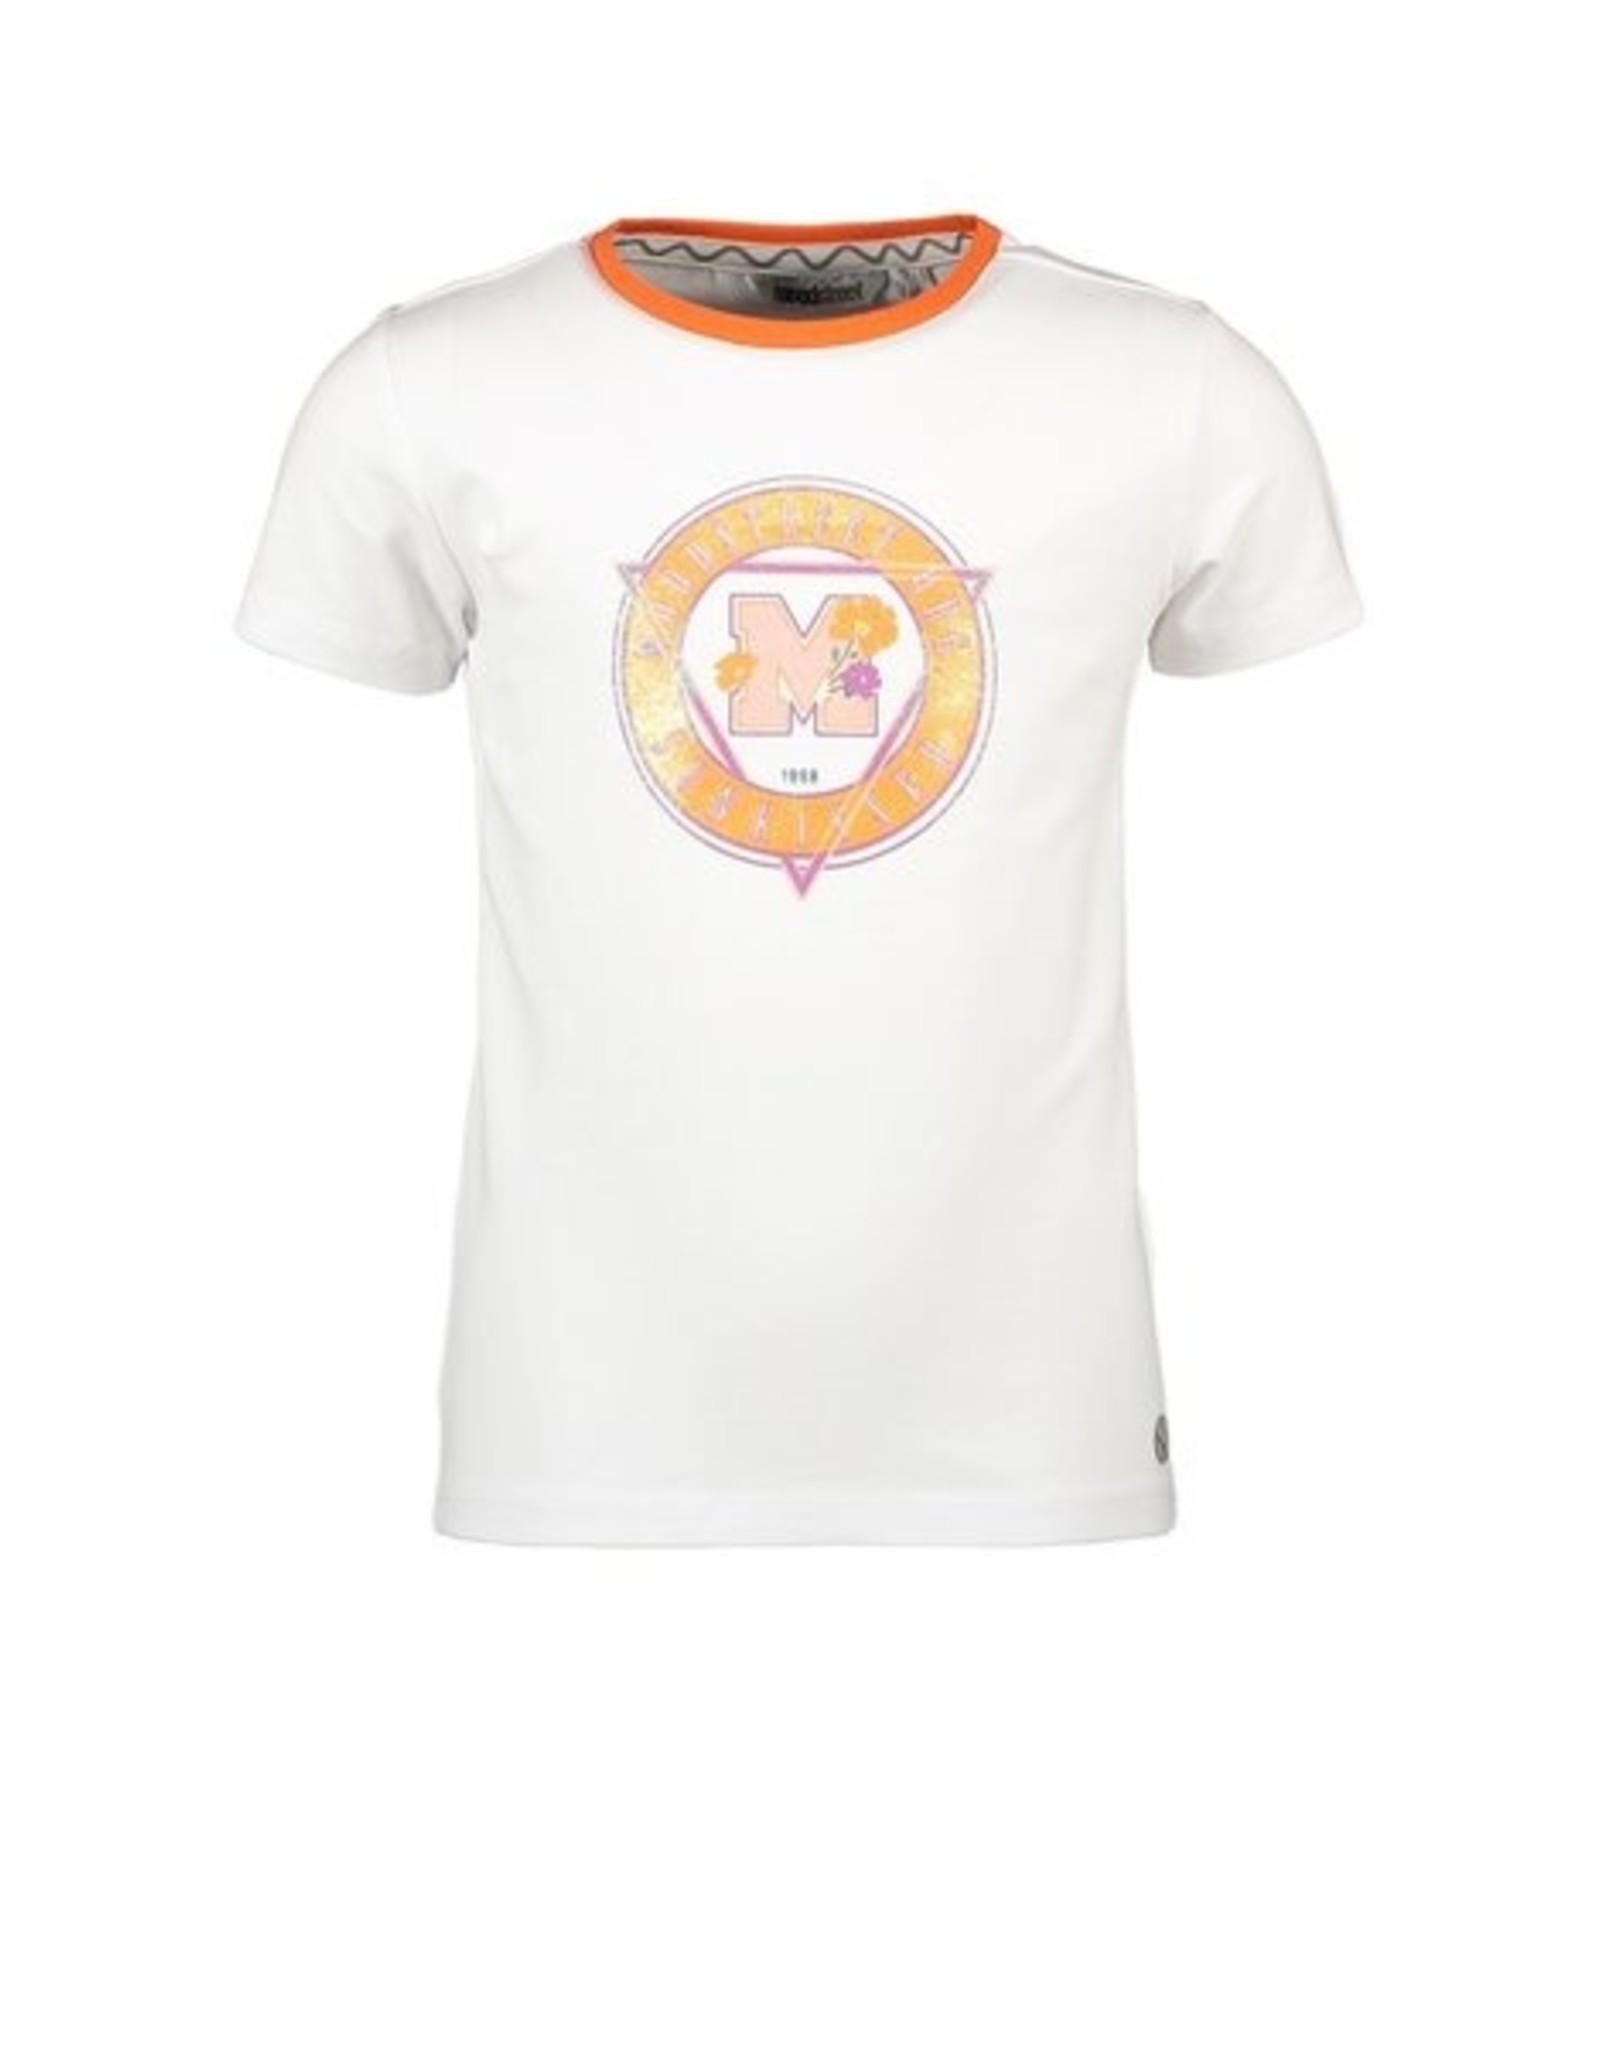 Moodstreet Moodstreet shirt 5406 white